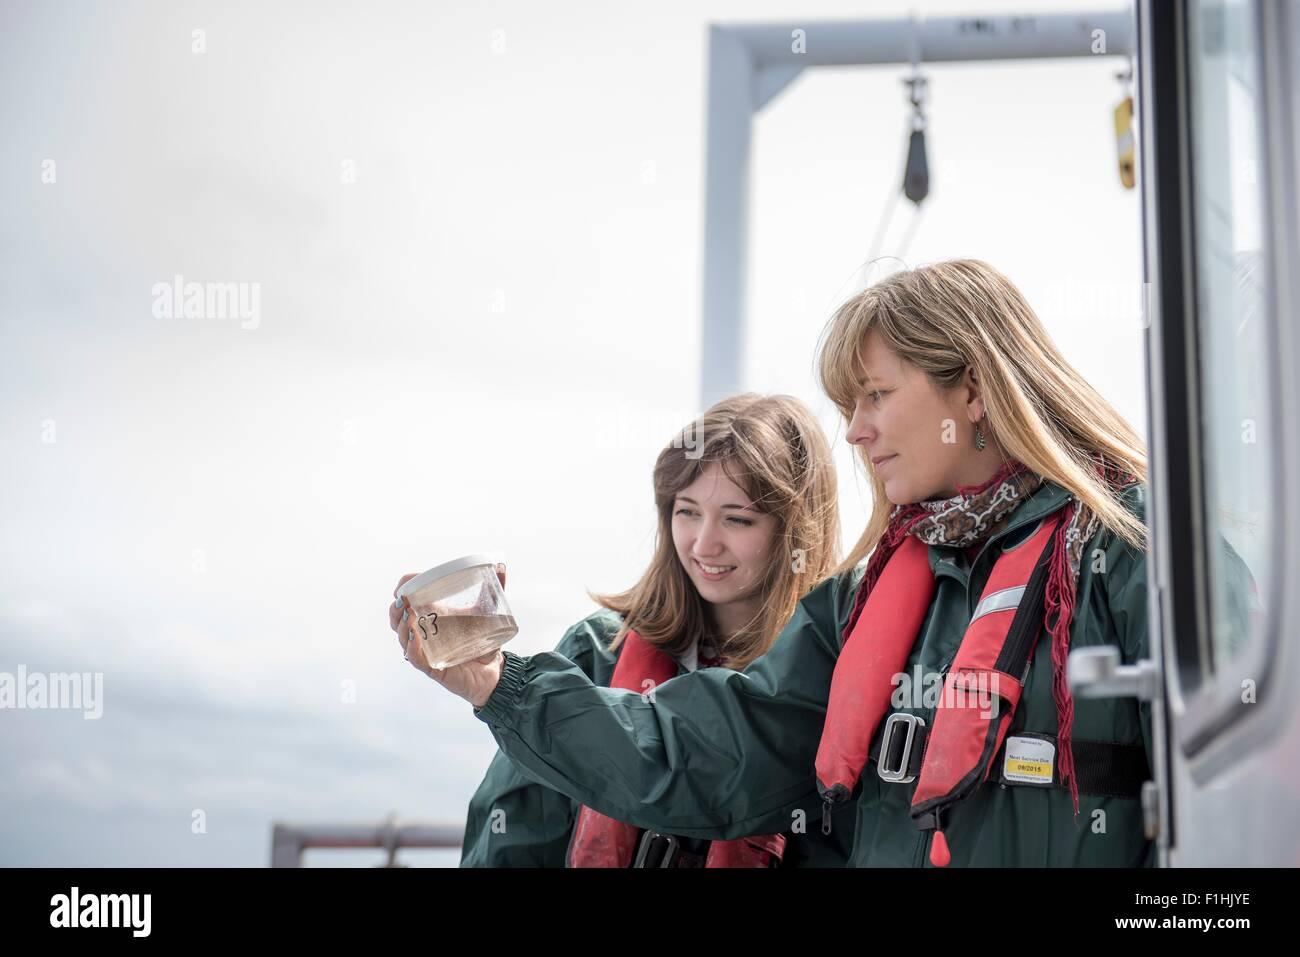 Las mujeres científicas inspeccionar muestras de plancton en el buque de investigación Imagen De Stock